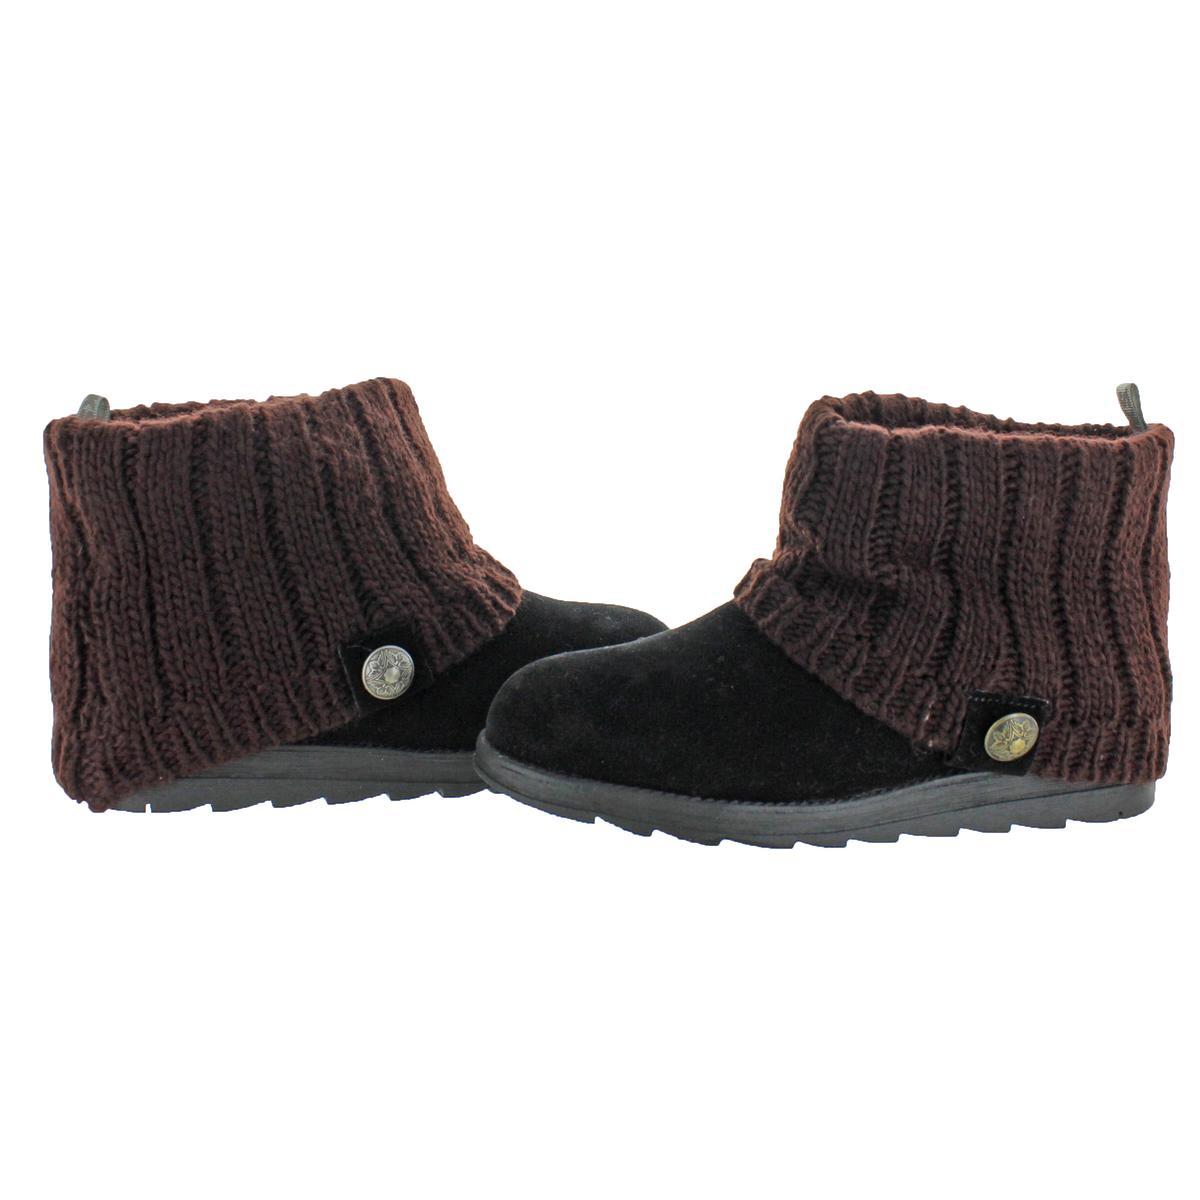 Muk Luks Patti Women/'s Cable Knit Cuff Winter Booties